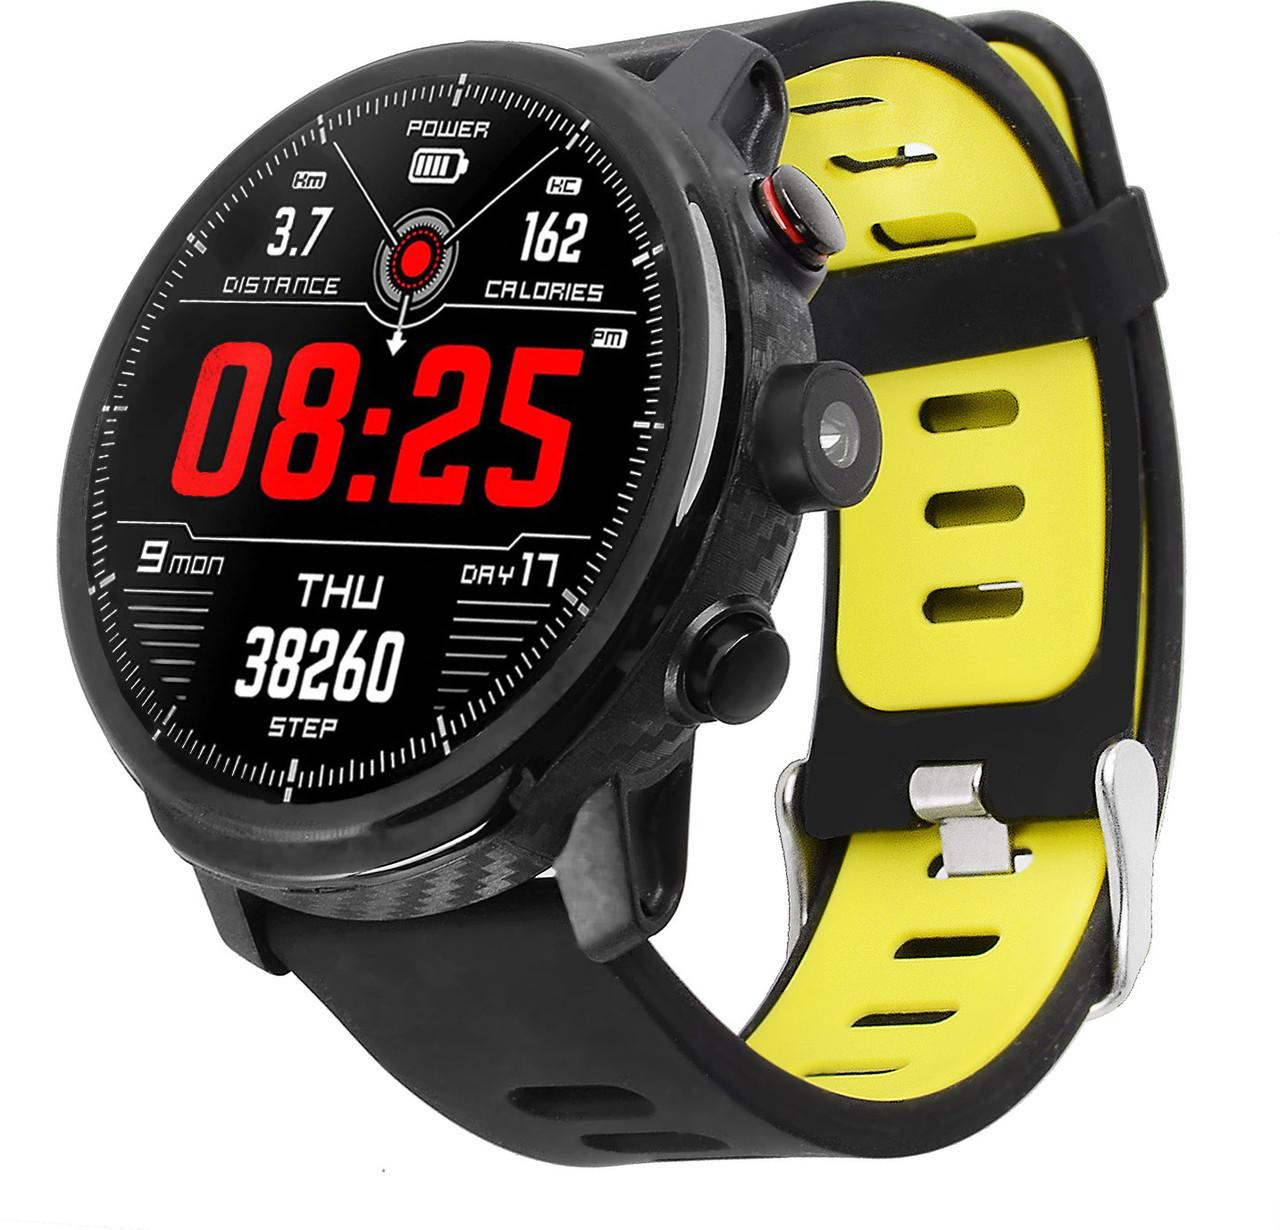 Умные часы Blaze Light со спортивными режимами и влагозащитой (Черно-желтый)